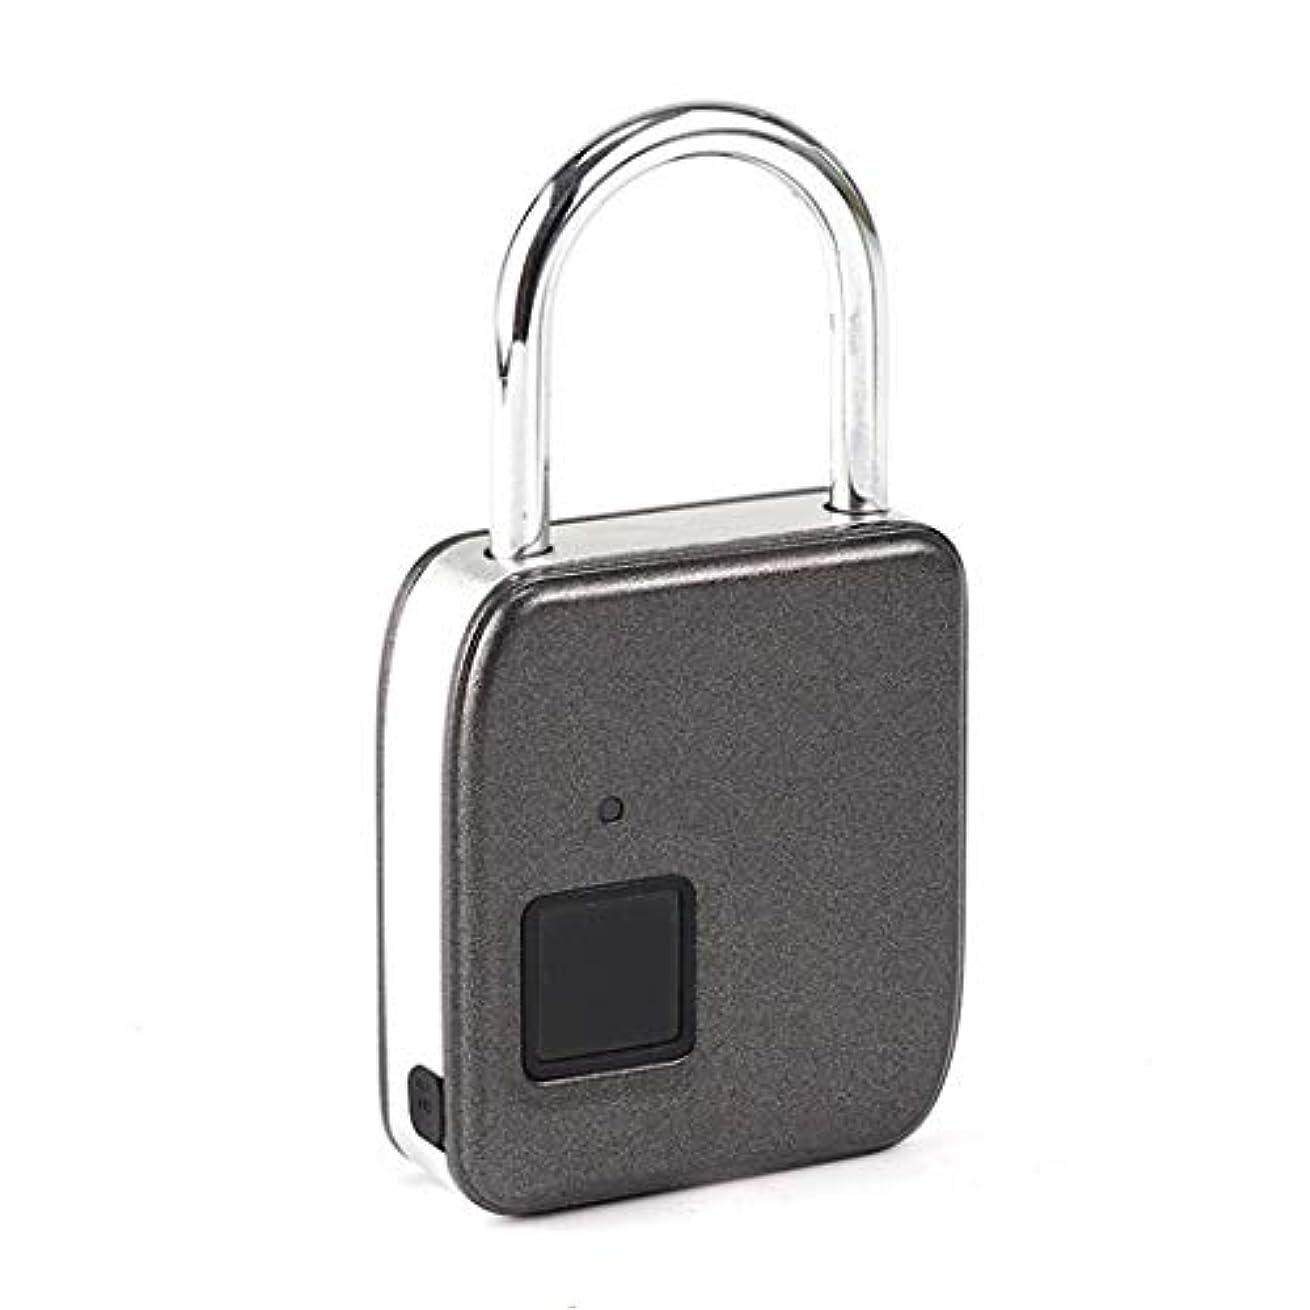 割り当てアフリカ全国ミニ電子スマートワイヤーロープ指紋バッグ小さな南京錠ヘッドジムロッカーポータブル (Color : B, Size : 8.2*2.1*15.5 cm)